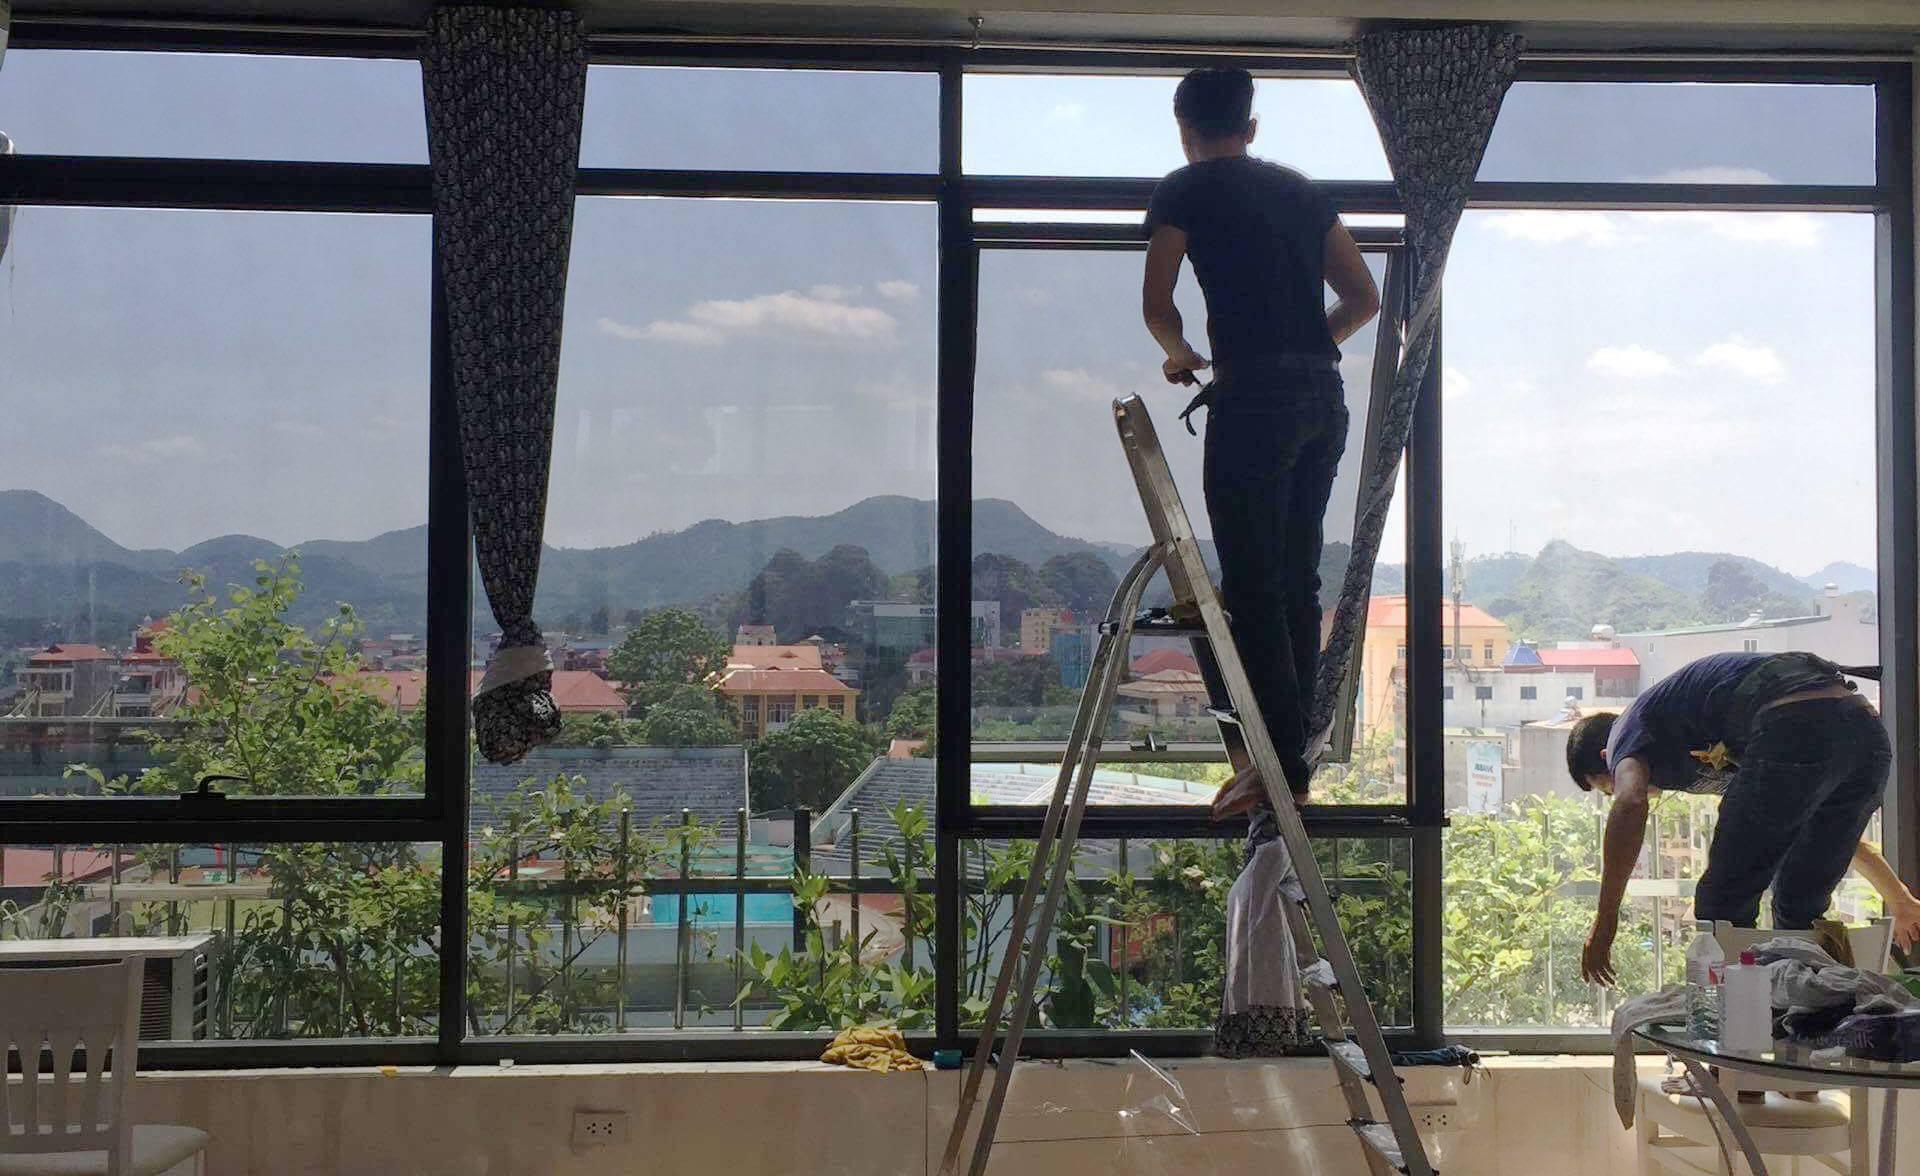 Dán kính chống nắng chung cư hấp thụ nhiệt, điều chỉnh ánh sáng